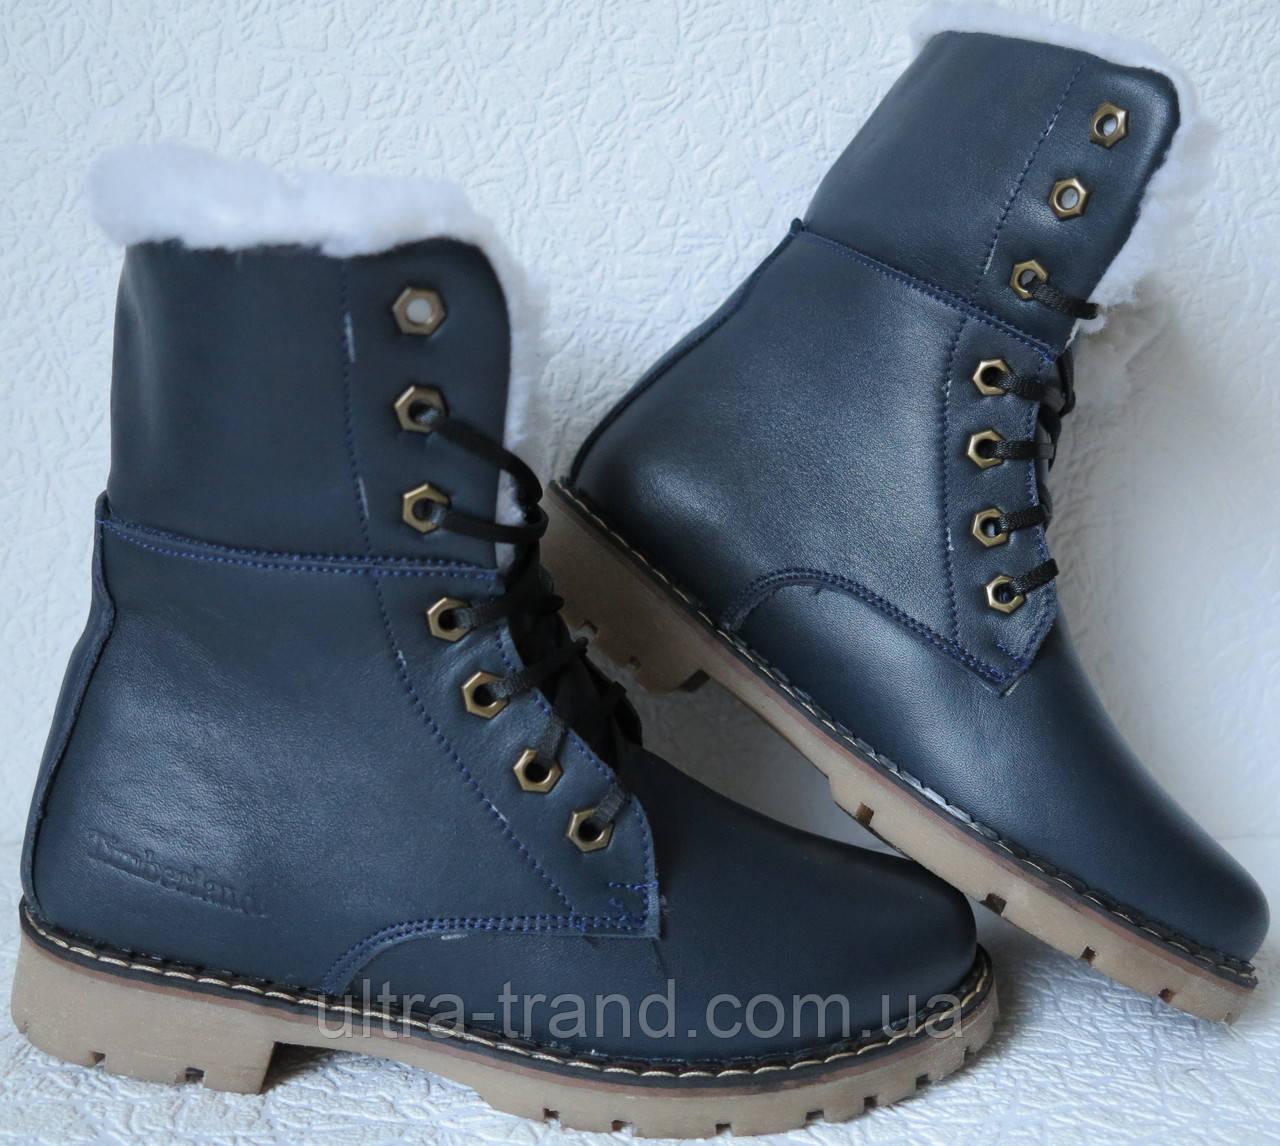 Зимние стильные женские сапоги ботинки Timberland синяя кожа